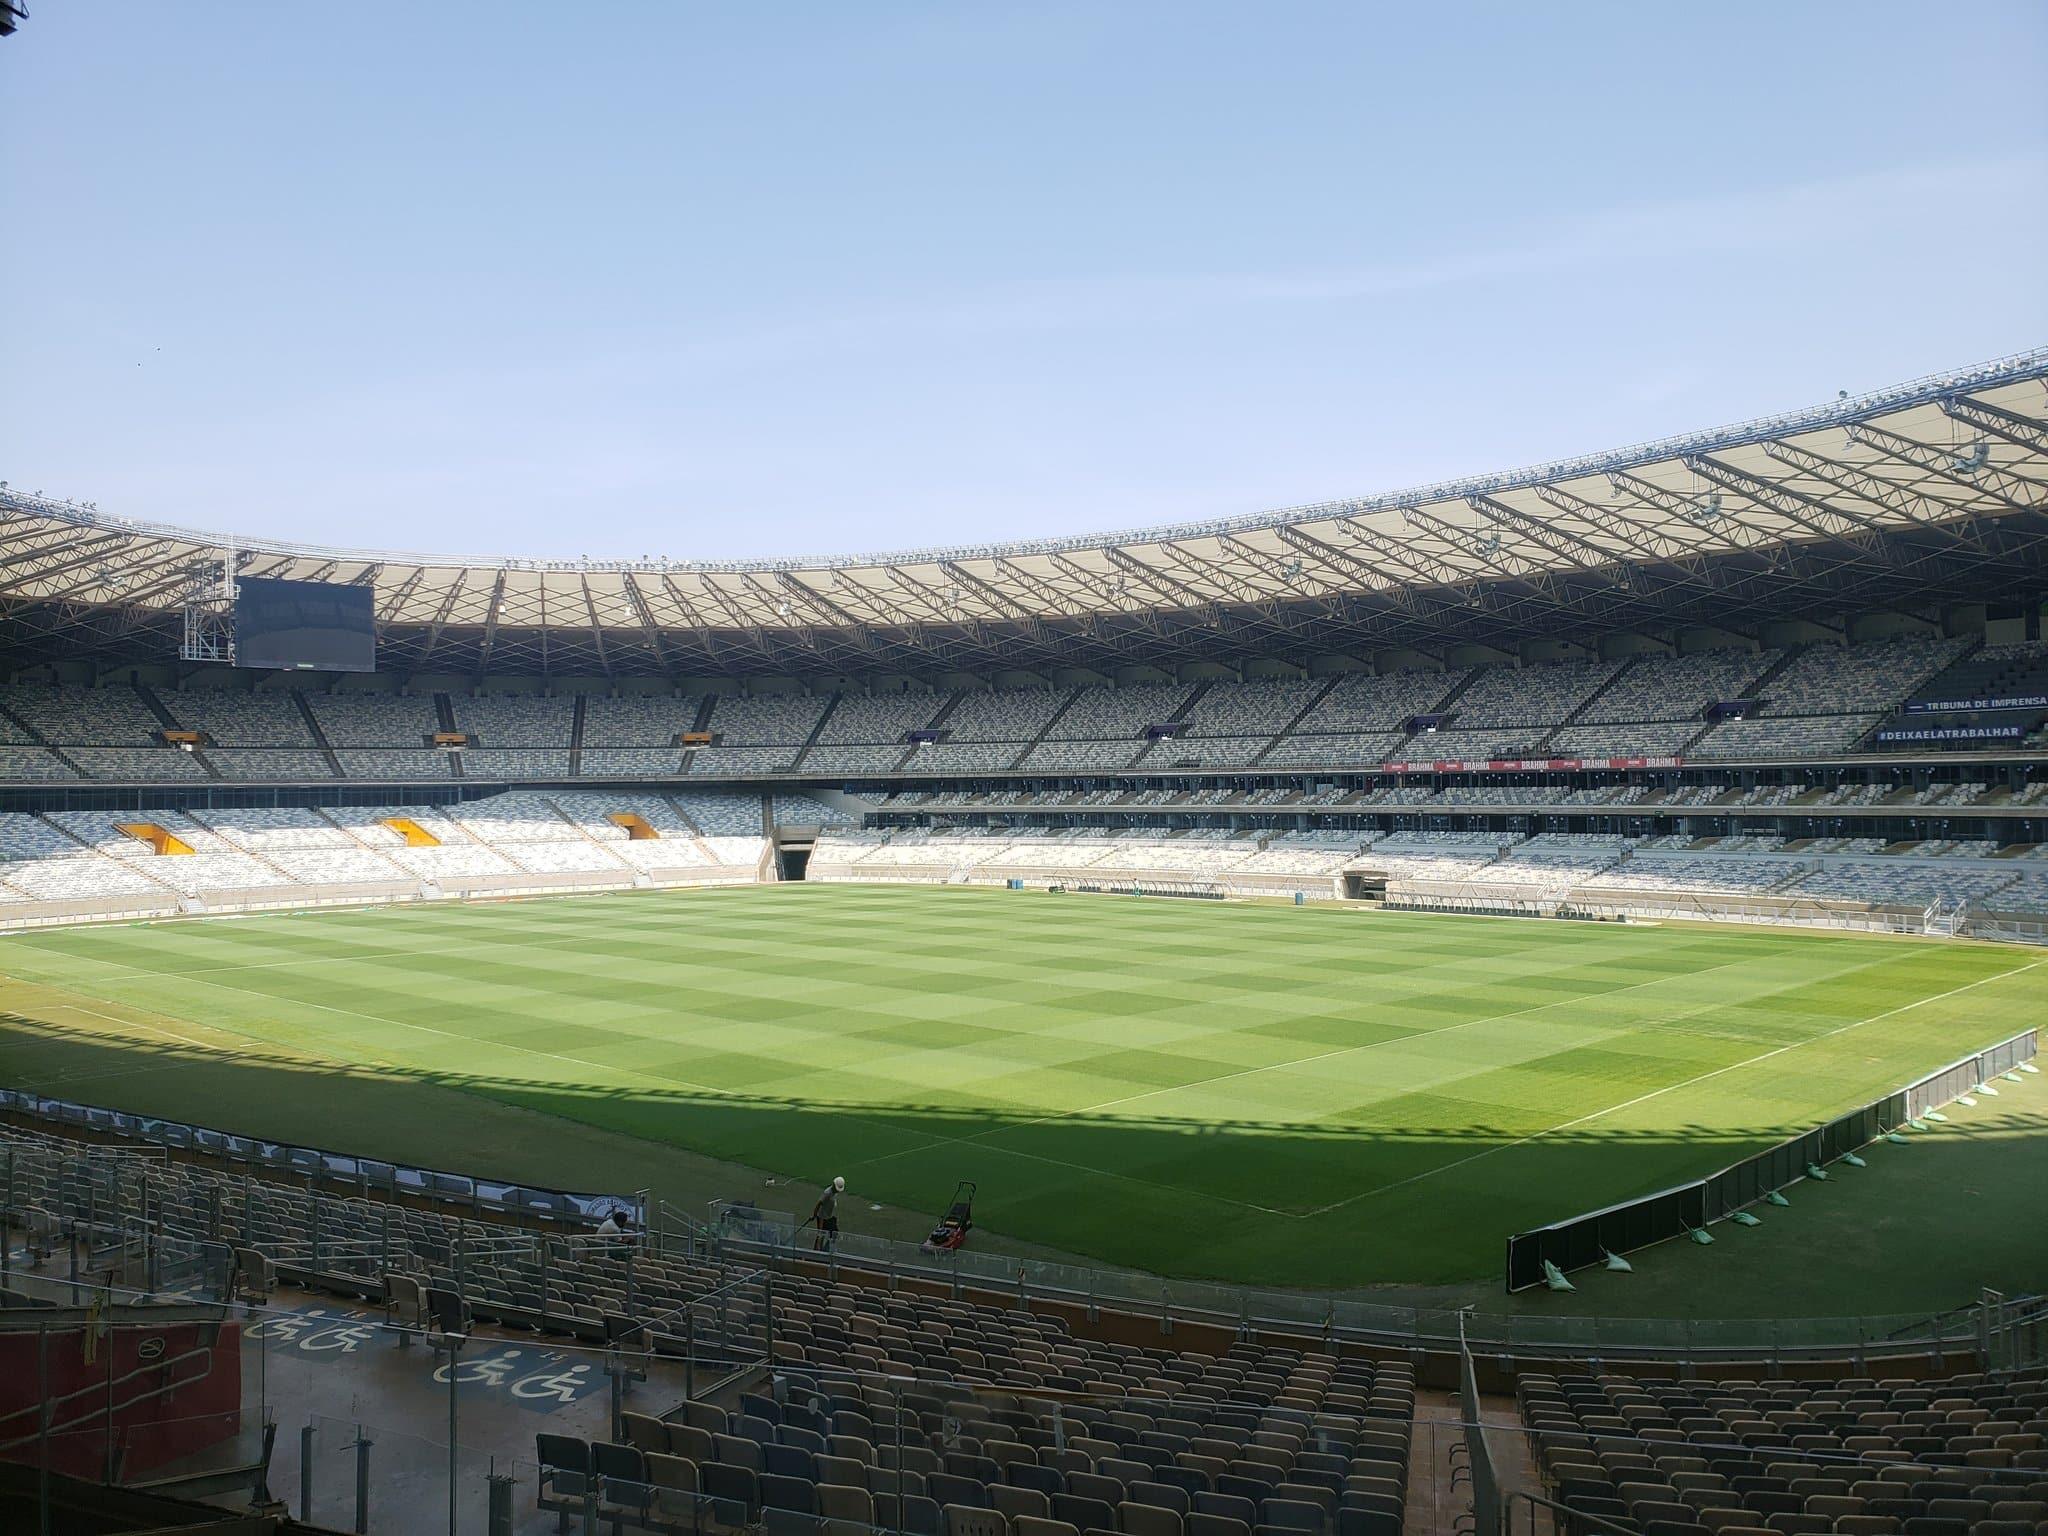 Com objetivos distintos, Cruzeiro e Brasil de Pelotas se enfrentam na manhã deste domingo (03), às 11h, no Estádio Mineirão